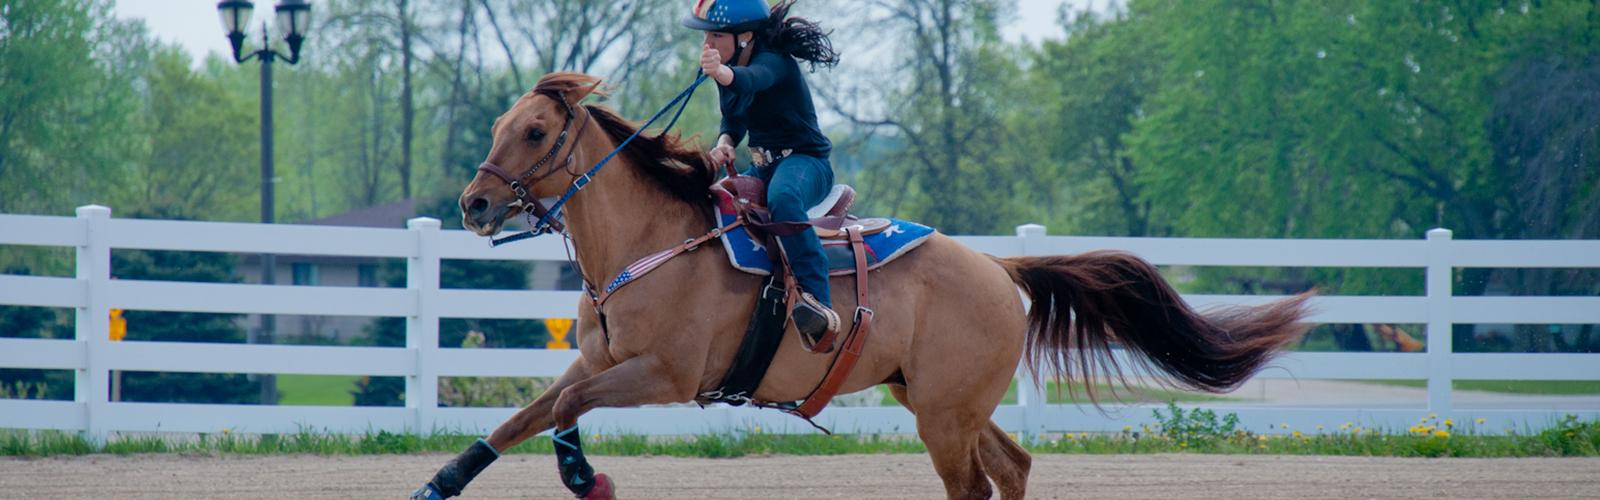 Header image for Equine